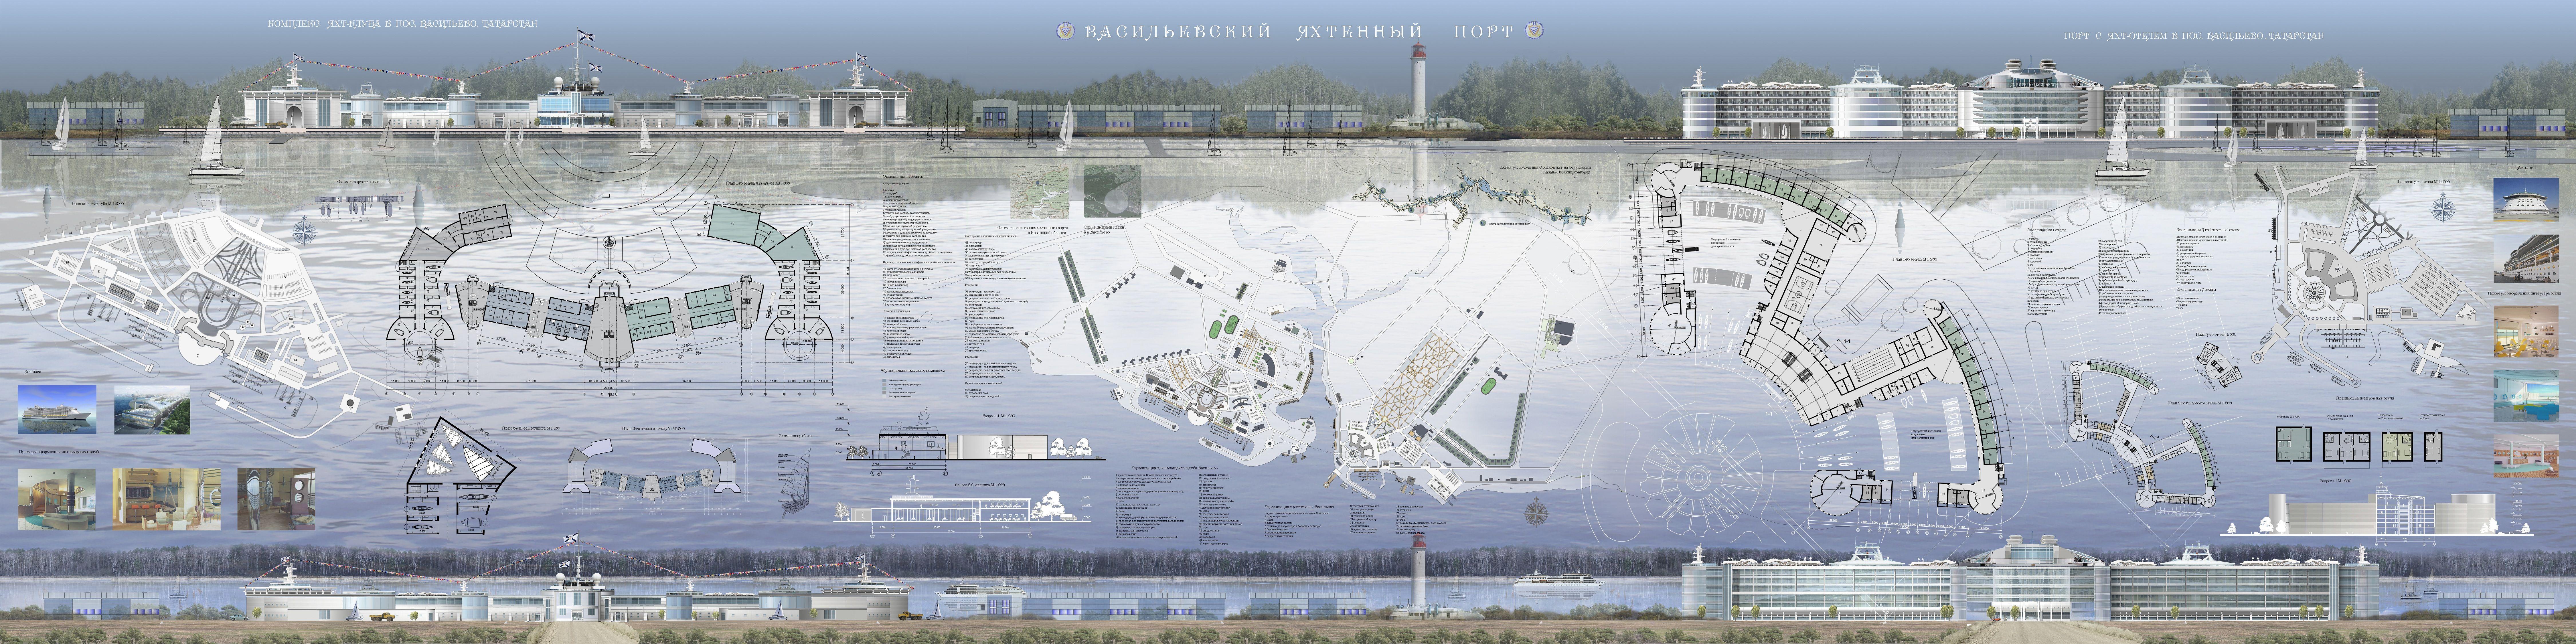 Дипломный проект Яхтенный порт  Дипломный проект